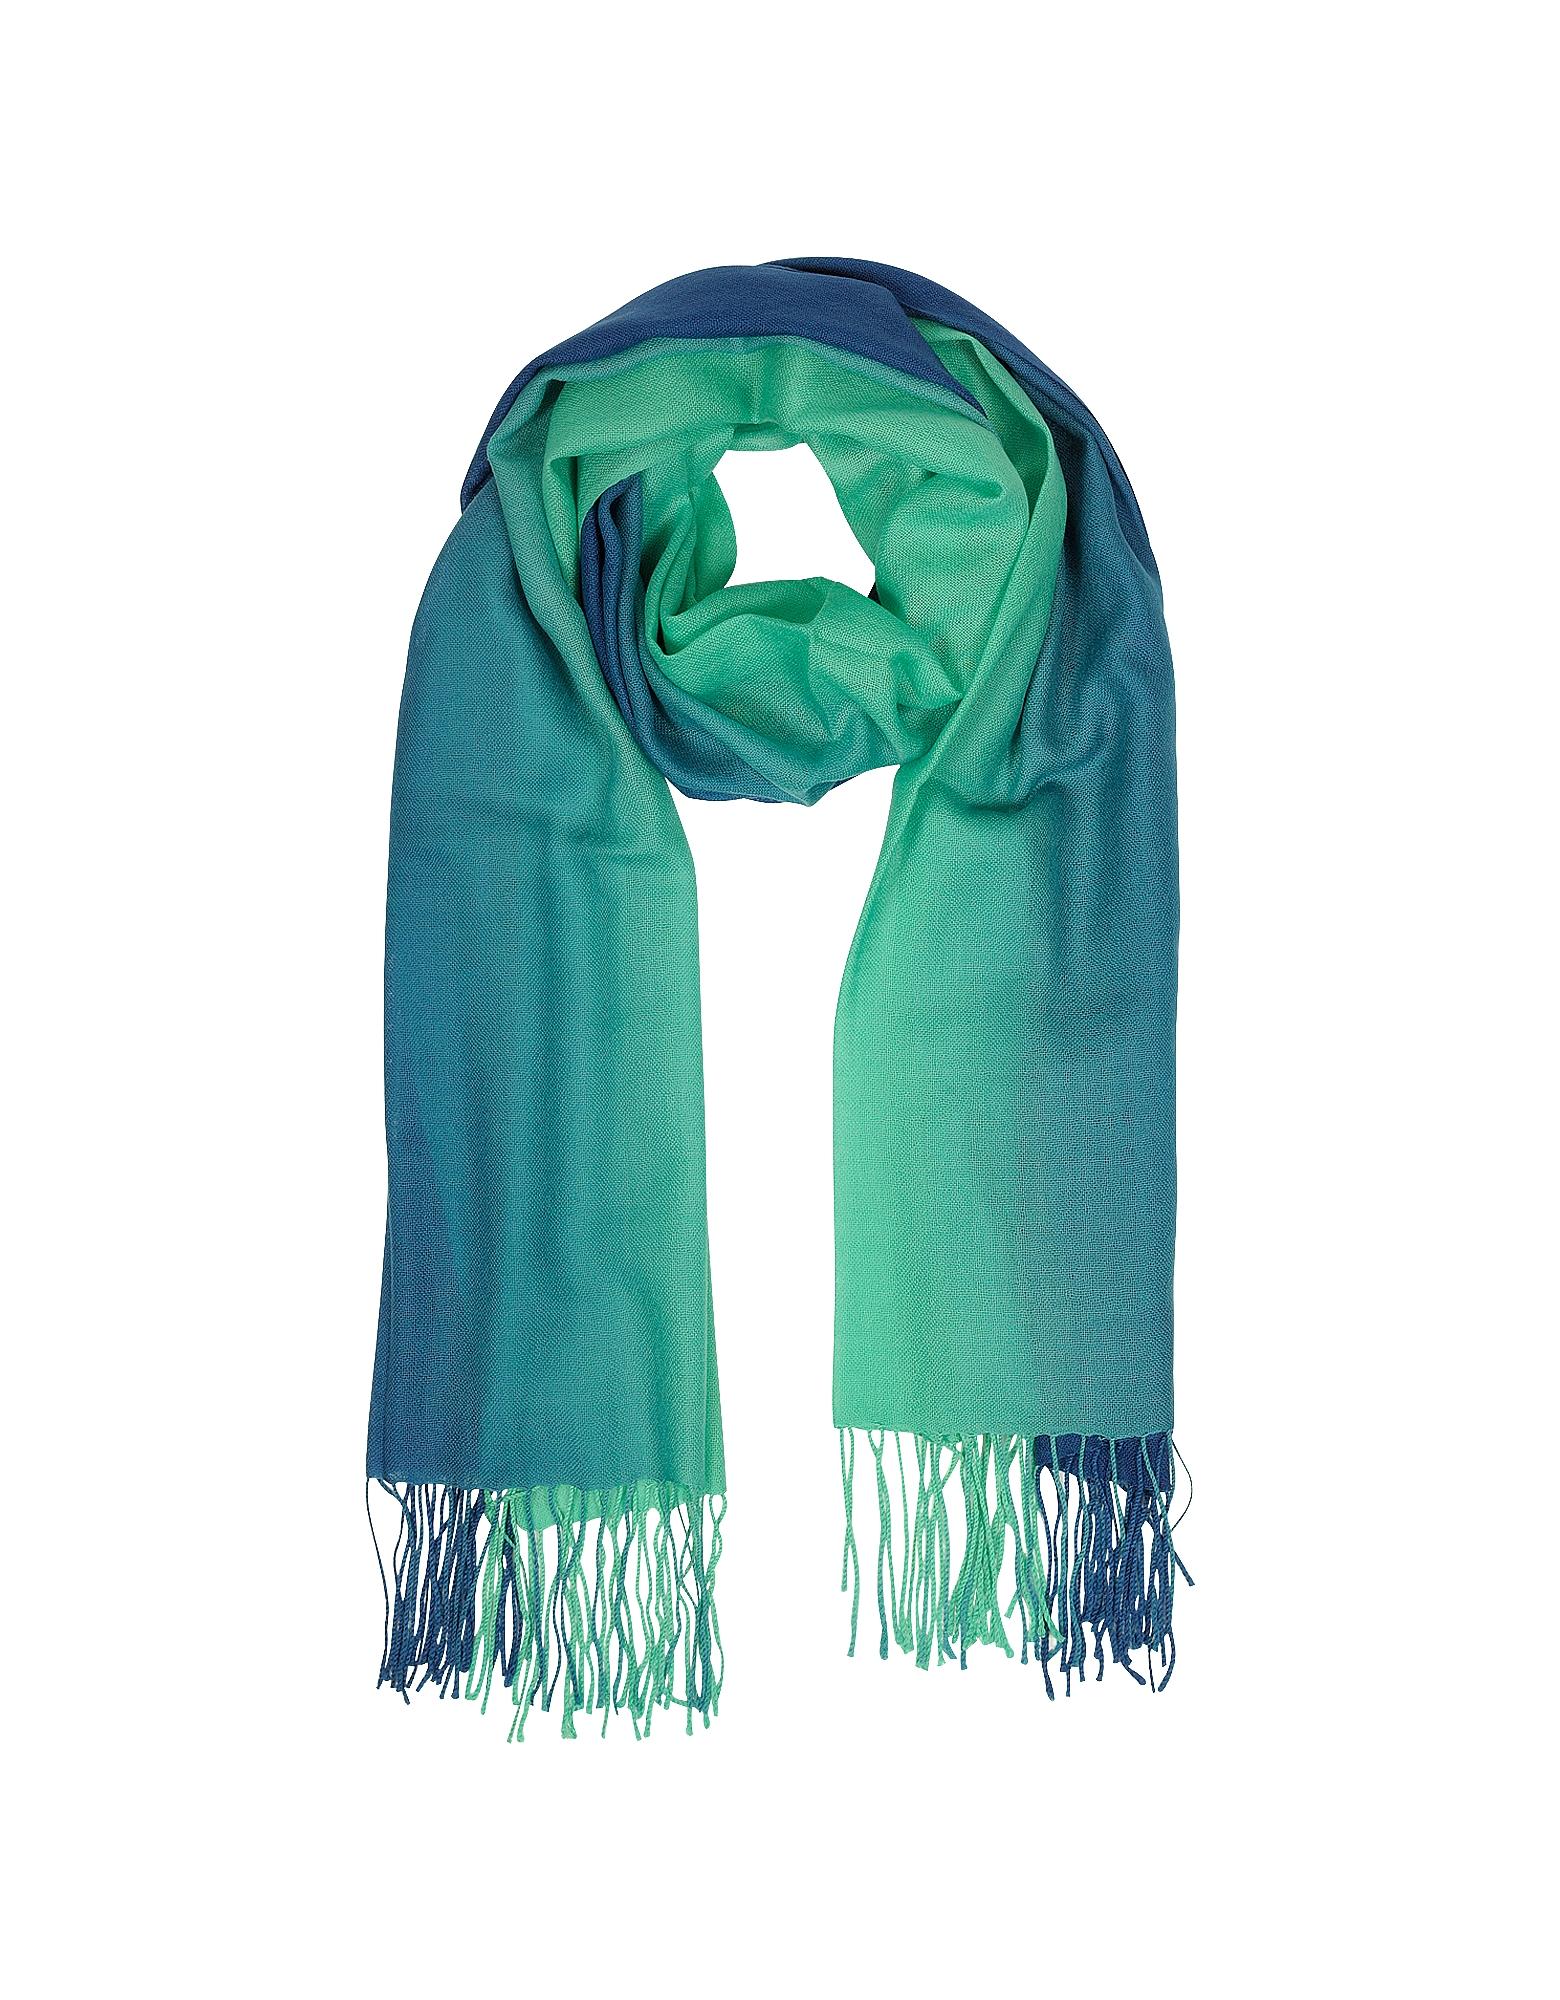 Палантин из Шерсти из Кашемира Градиентных Синего /Зеленого Оттенка с Бахромой